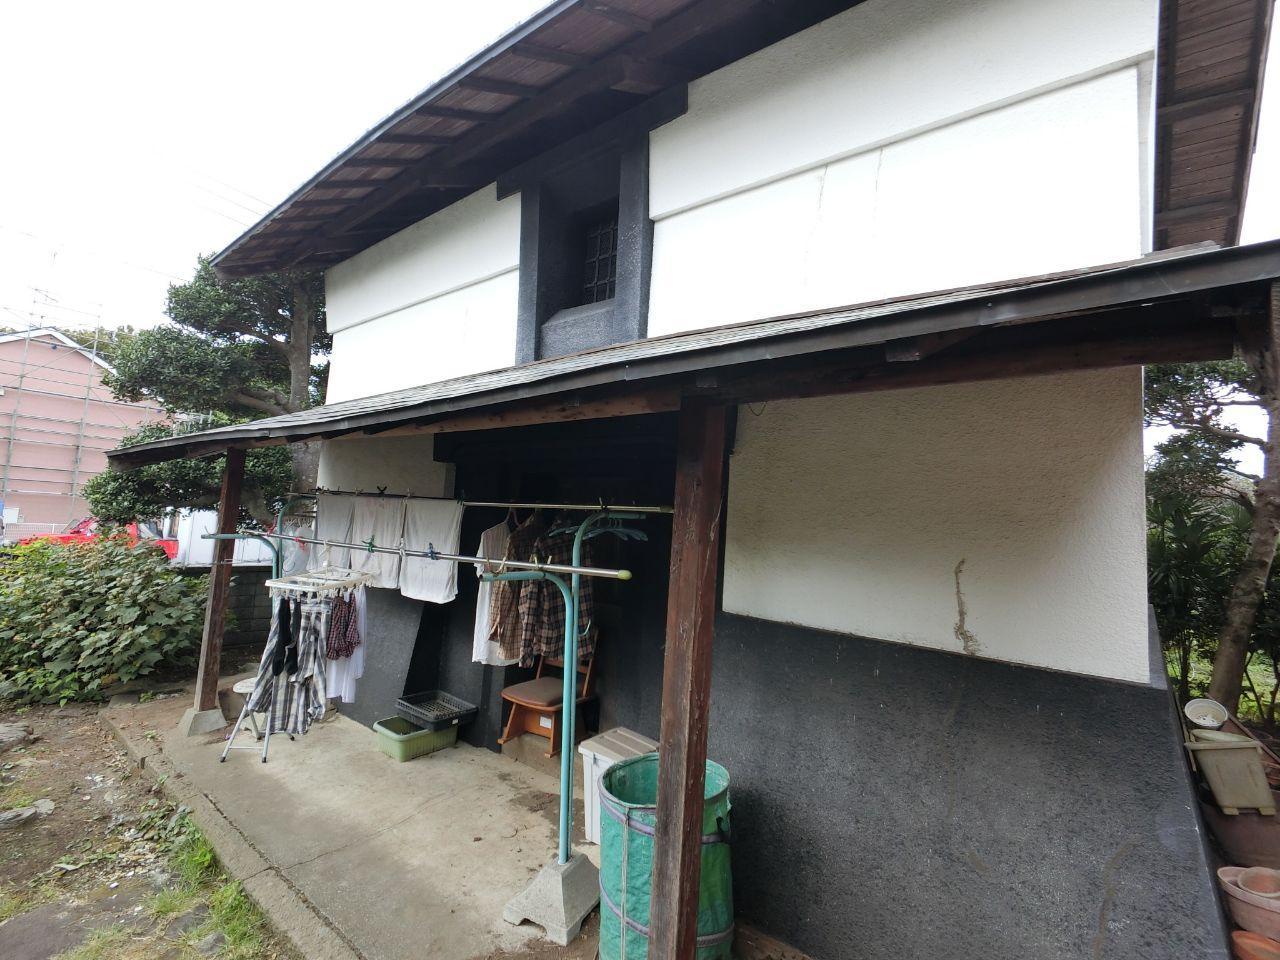 相模原市で内蔵屋根葺き替え工事